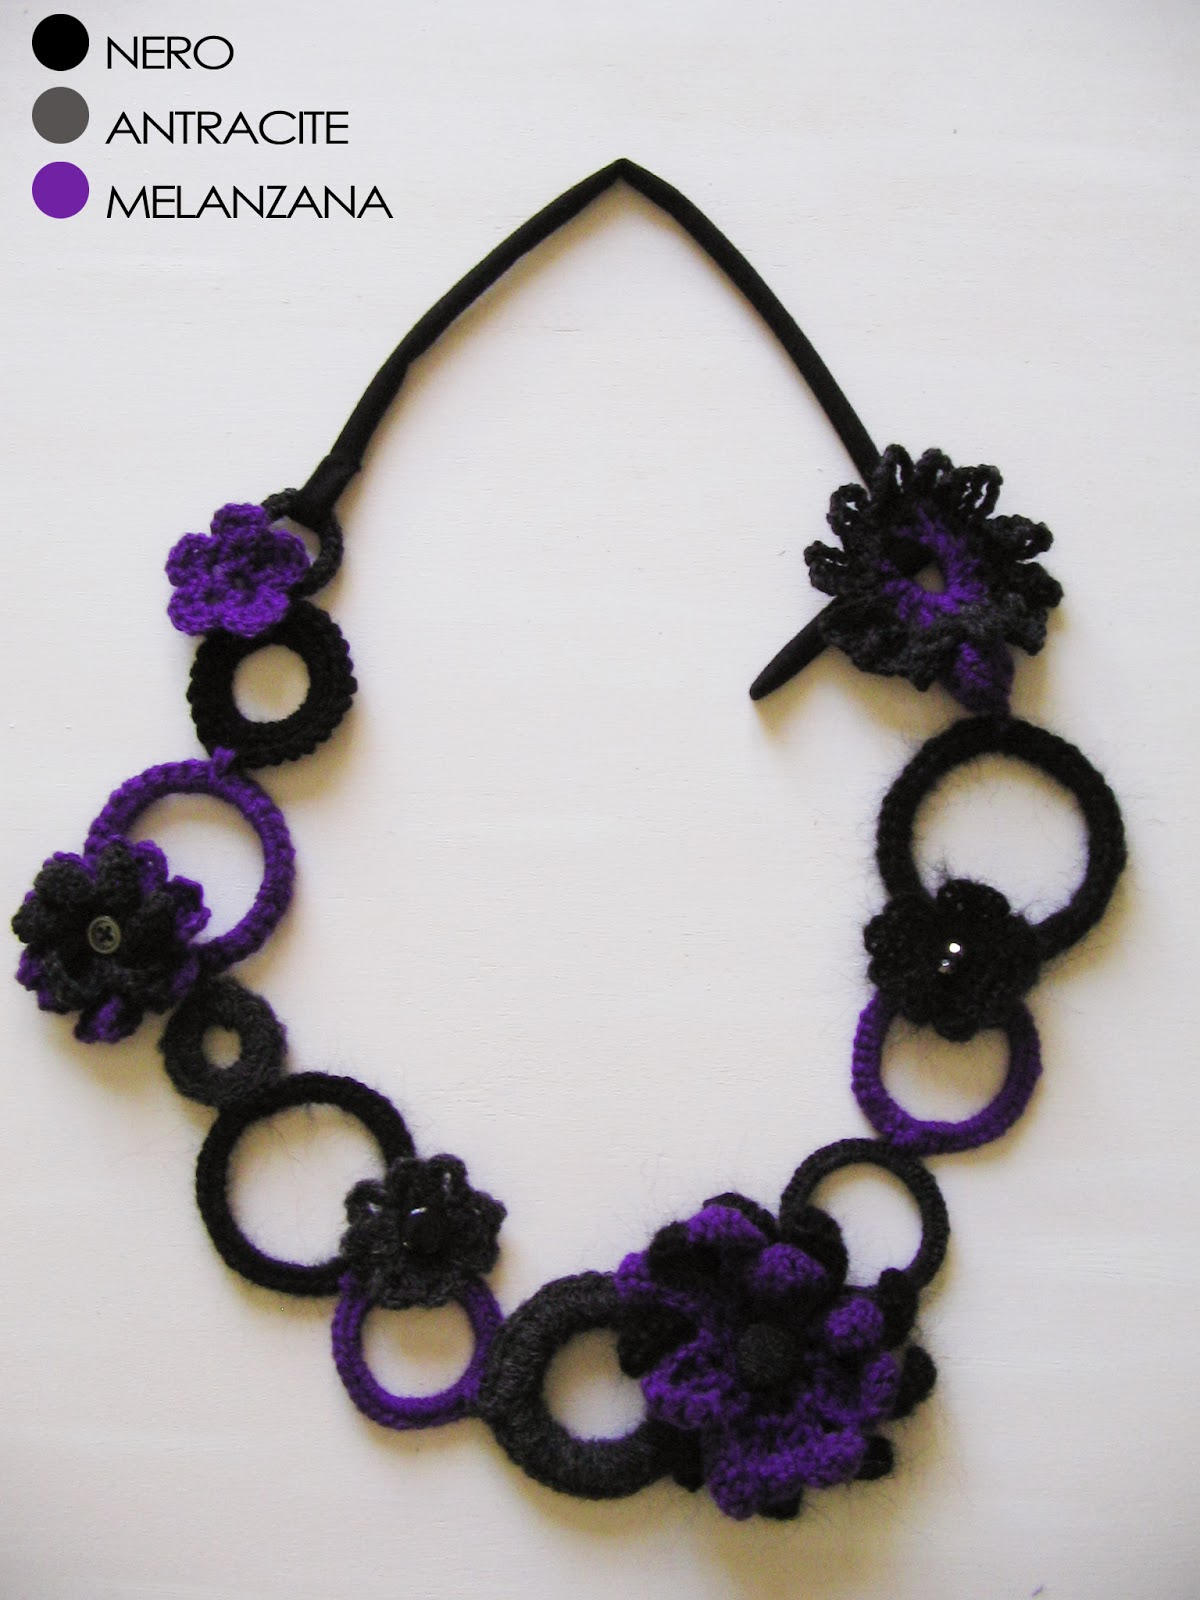 Chiaramwearing Crochet Necklace